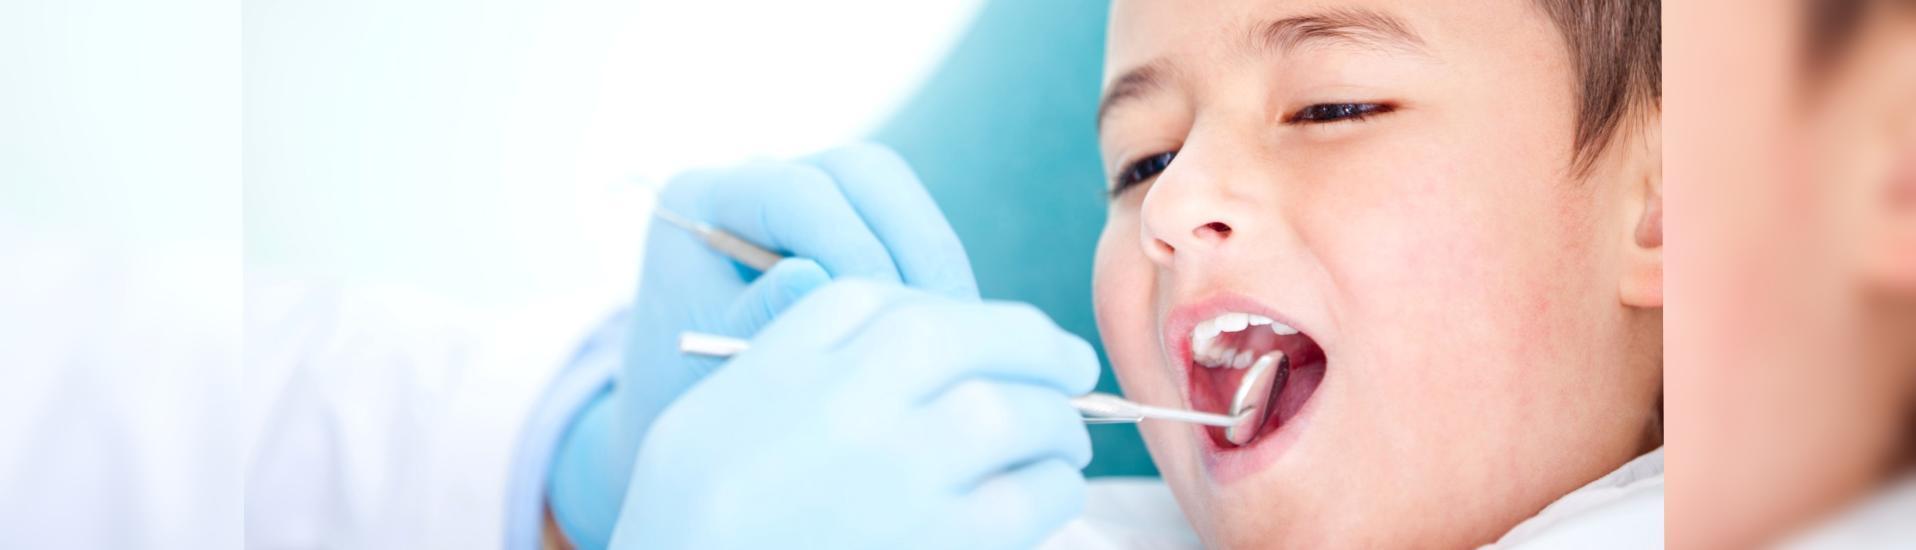 young boy having dental checkup